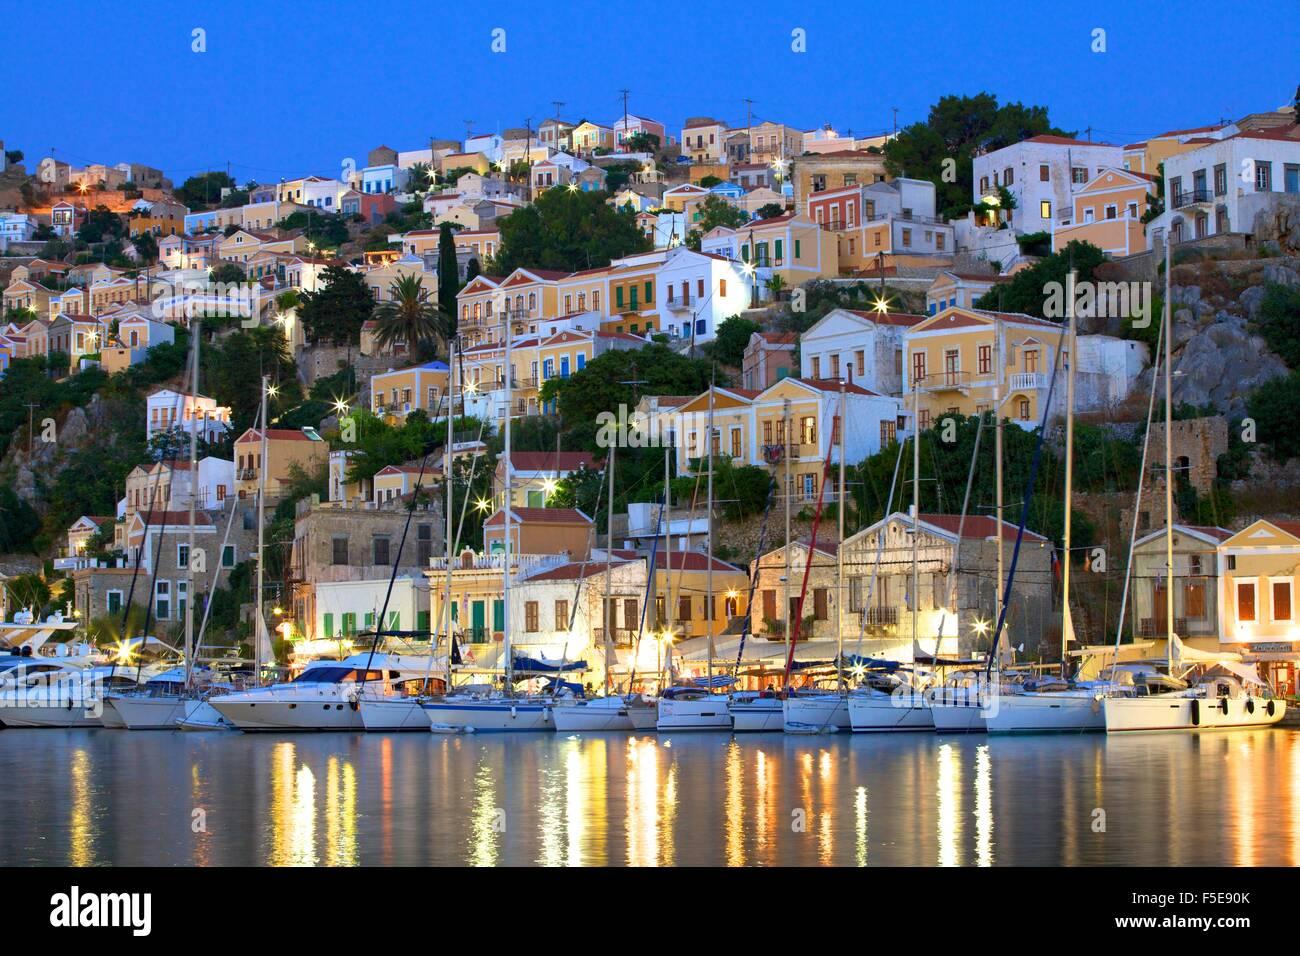 Hafen von Symi, Symi, Dodekanes, griechische Inseln, Griechenland, Europa Stockbild